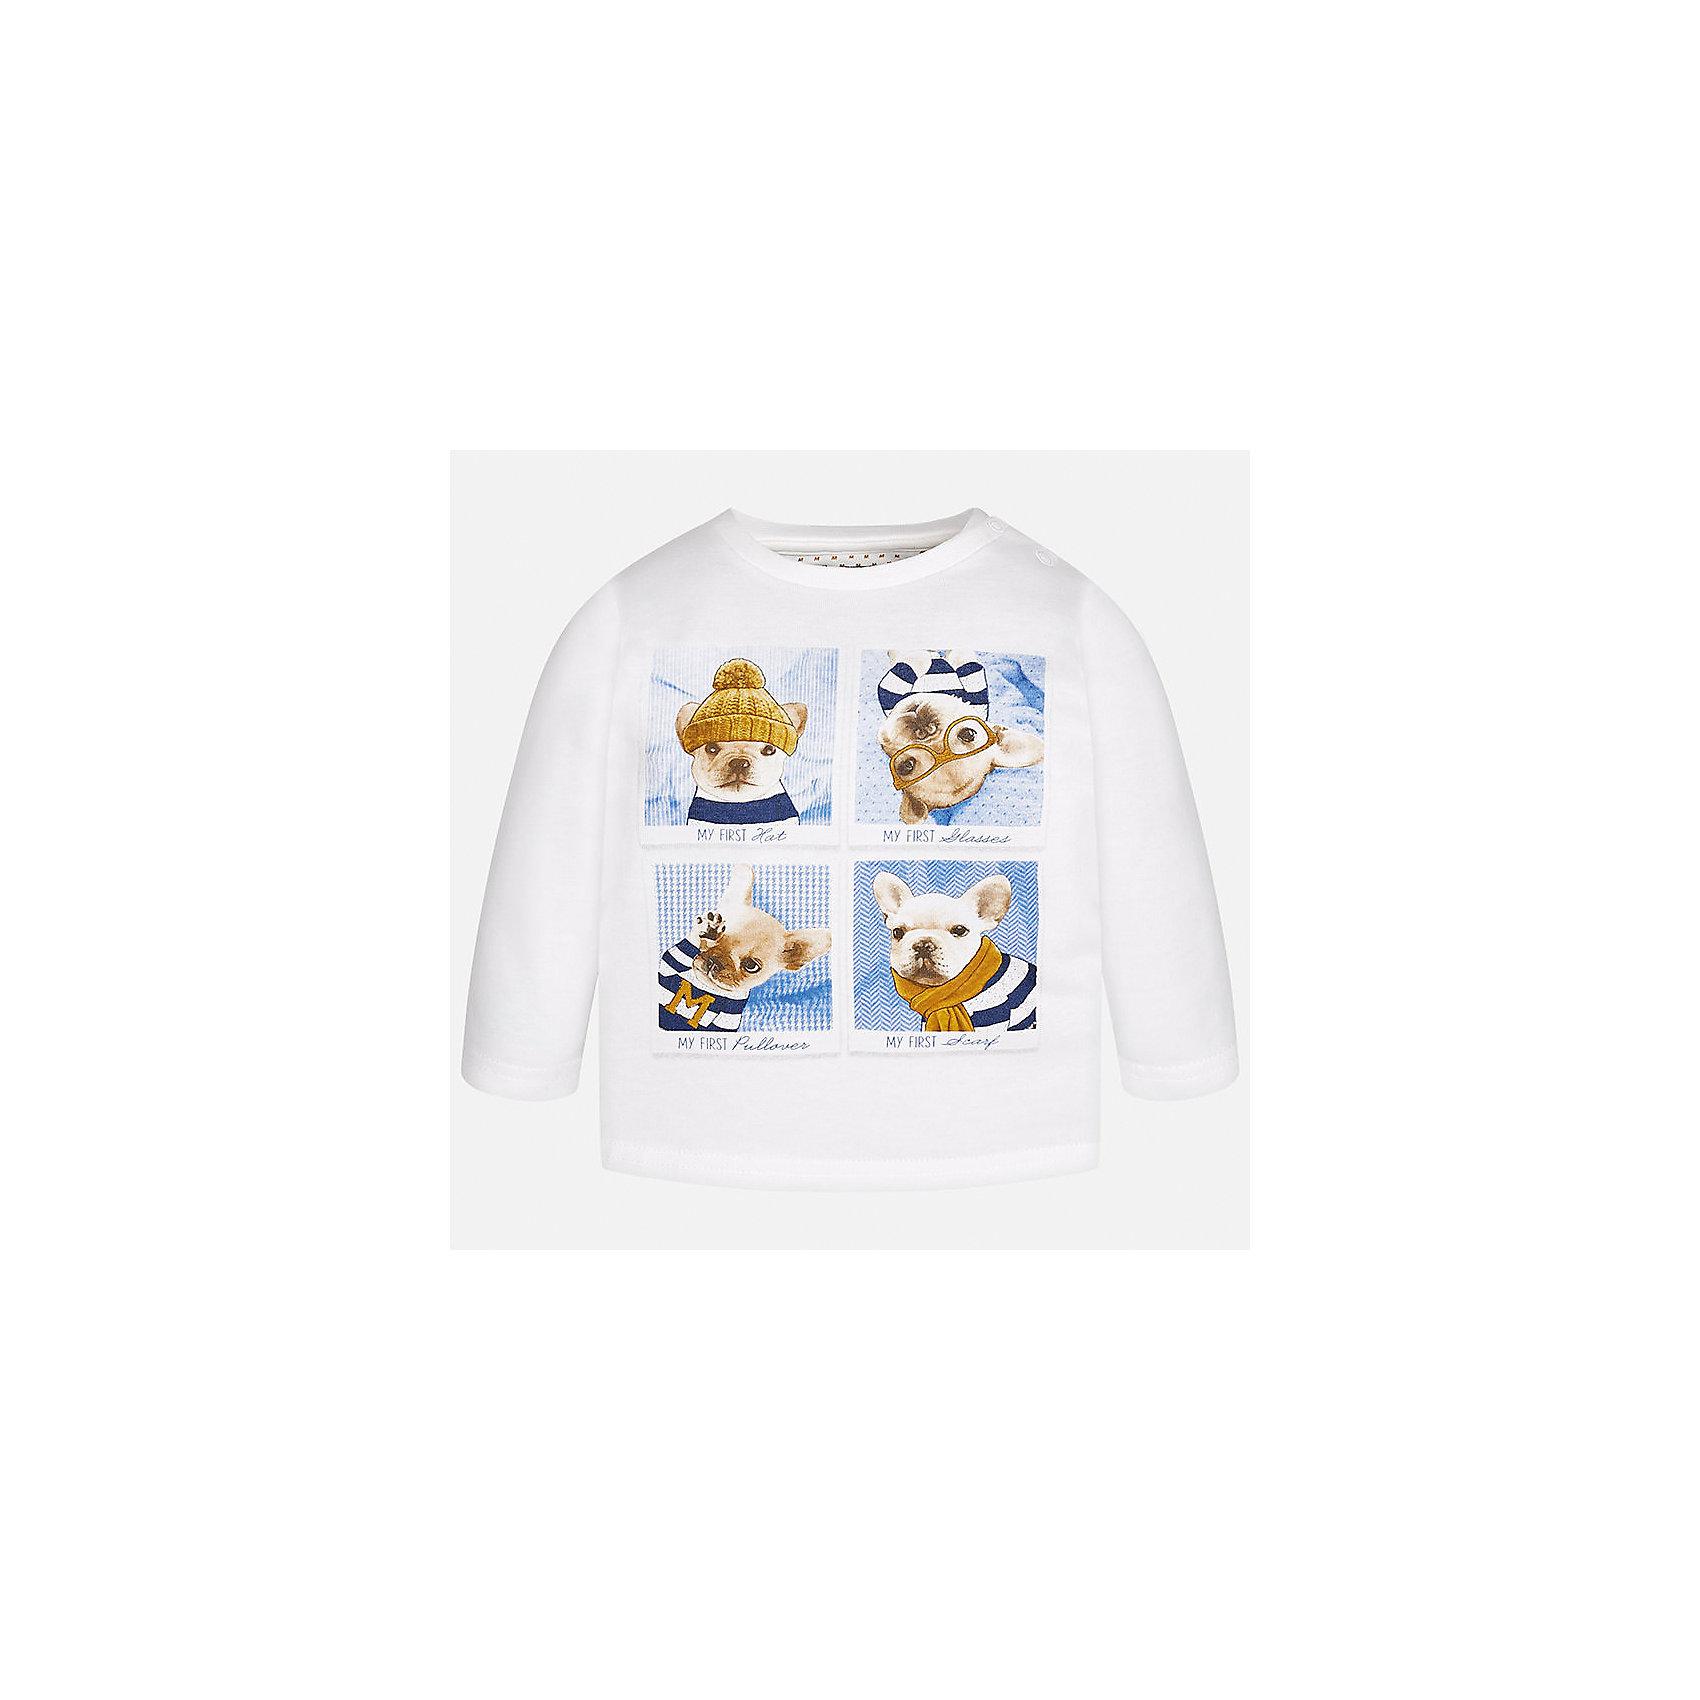 Футболка с длинным рукавом Mayoral для мальчикаФутболки, топы<br>Характеристики товара:<br><br>• цвет:молочный;<br>• состав ткани: 100% хлопок;<br>• длинный рукав;<br>• рисунок: принт;<br>• кнопка на воротнике;<br>• сезон: демисезон;<br>• страна бренда: Испания;<br>• страна изготовитель: Индия.<br><br>Лонгслив для мальчика от популярного бренда Mayoral  выполнен из натурального хлопка, ткань эластичная и приятная на ощупь. Однотонная модель декорирована принтом с изображением забавных песиков, имеет круглый вырез.<br><br>Стильный лонгслив молочного цвета дополнен кнопками по плечевому шву для удобства переодевания малыша.  Очень практичный и долгий в носке, цвет не тускнеет, смотрится аккуратно и стильно. Лонгслив идеально подходит для повседневной одежды как дома, так и на прогулку.<br><br>Для производства детской одежды популярный бренд Mayoral используют только качественную фурнитуру и материалы. Оригинальные и модные вещи от Майорал неизменно привлекают внимание и нравятся детям.<br><br>Лонгслив для мальчика Mayoral (Майорал) можно купить в нашем интернет-магазине.<br><br>Ширина мм: 230<br>Глубина мм: 40<br>Высота мм: 220<br>Вес г: 250<br>Цвет: бежевый<br>Возраст от месяцев: 24<br>Возраст до месяцев: 36<br>Пол: Мужской<br>Возраст: Детский<br>Размер: 98,74,80,86,92<br>SKU: 6932320